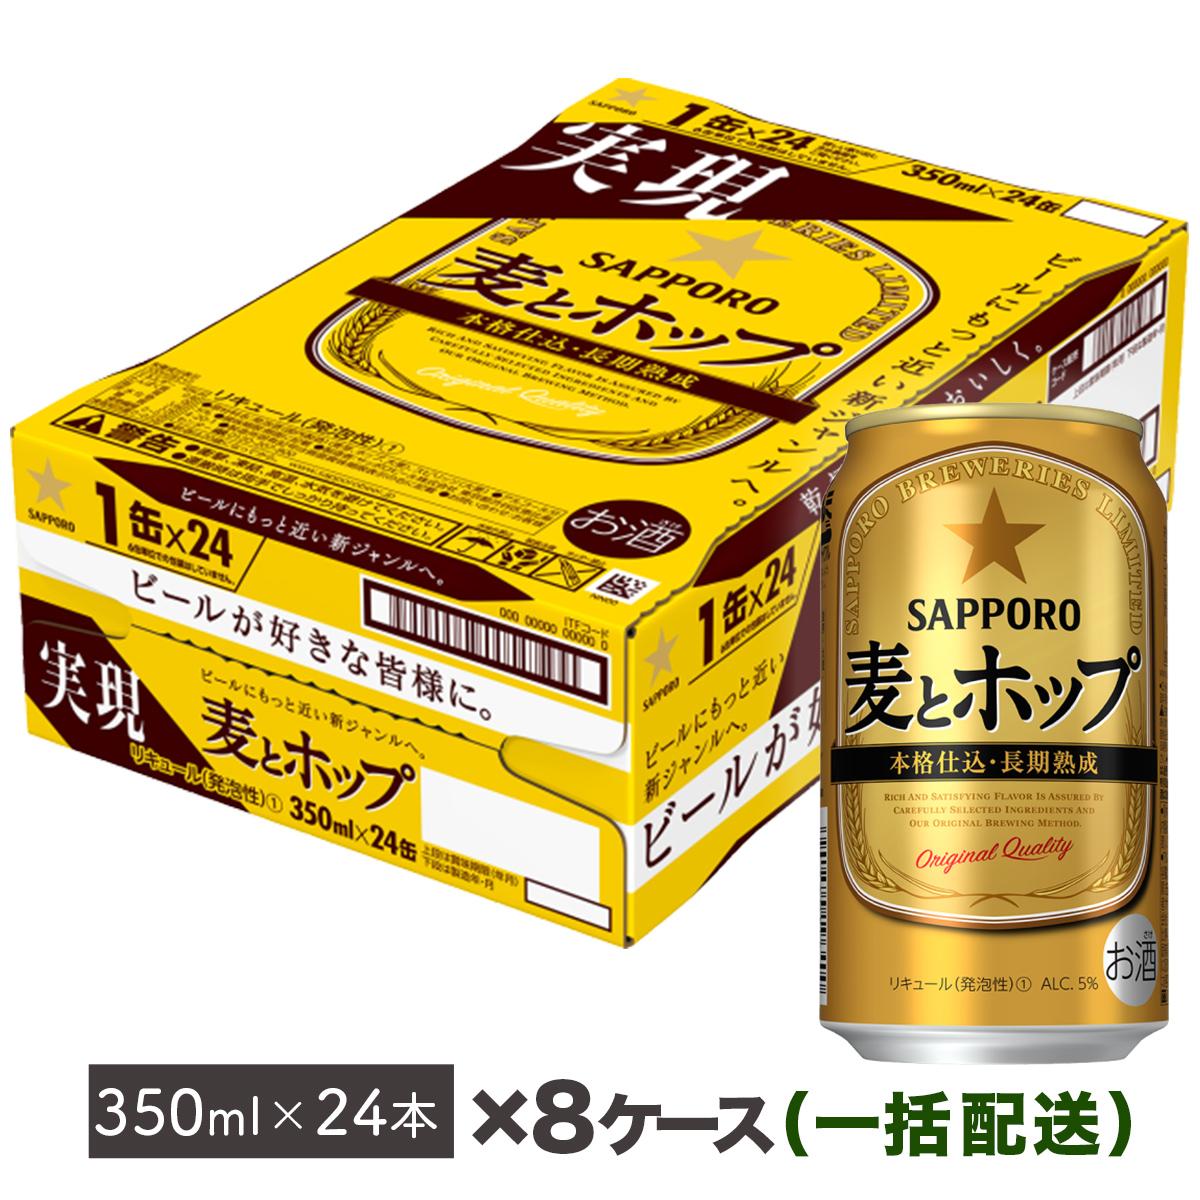 【ふるさと納税】地元名取生産 麦とホップ 350ml 24本 8箱お届け(同時お届け)